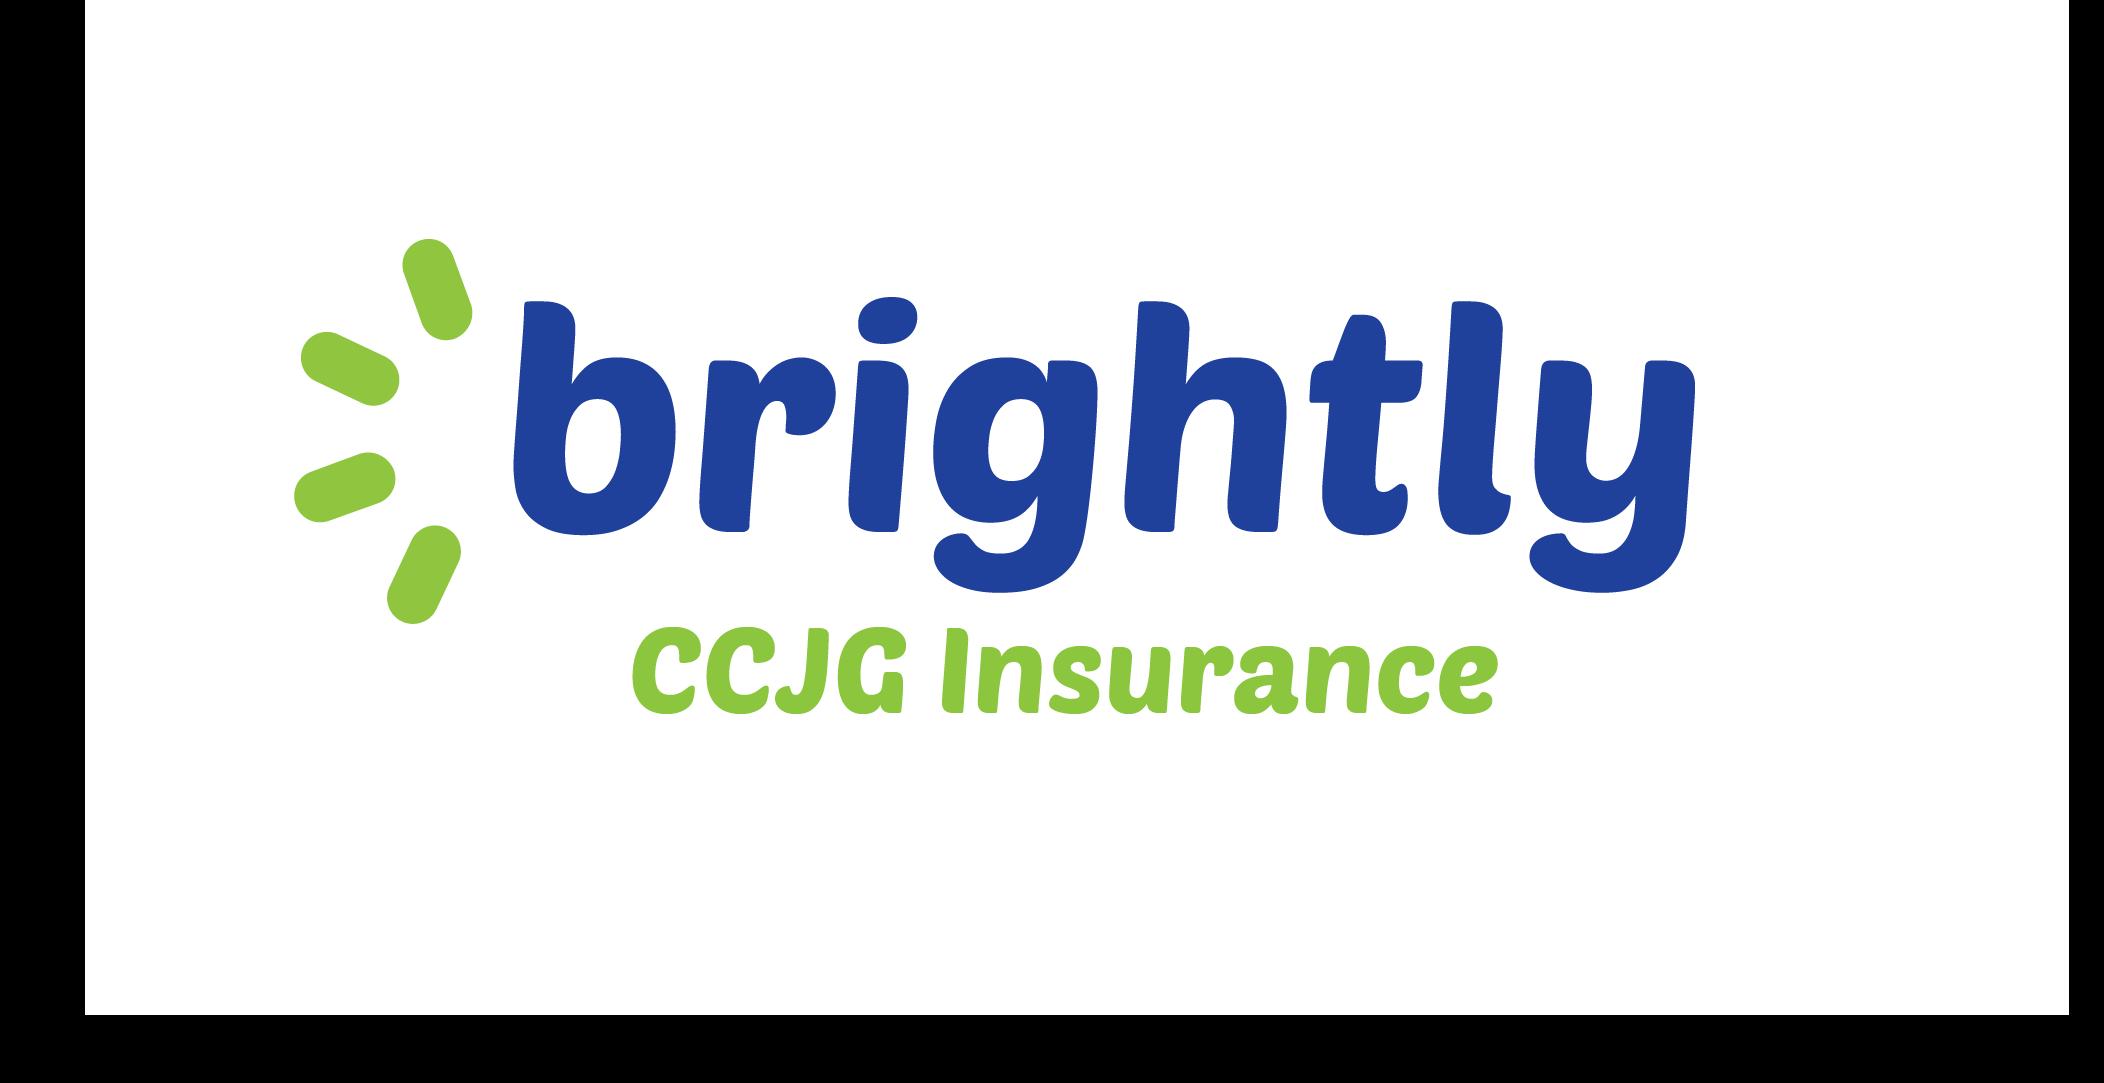 CCJG Insurance